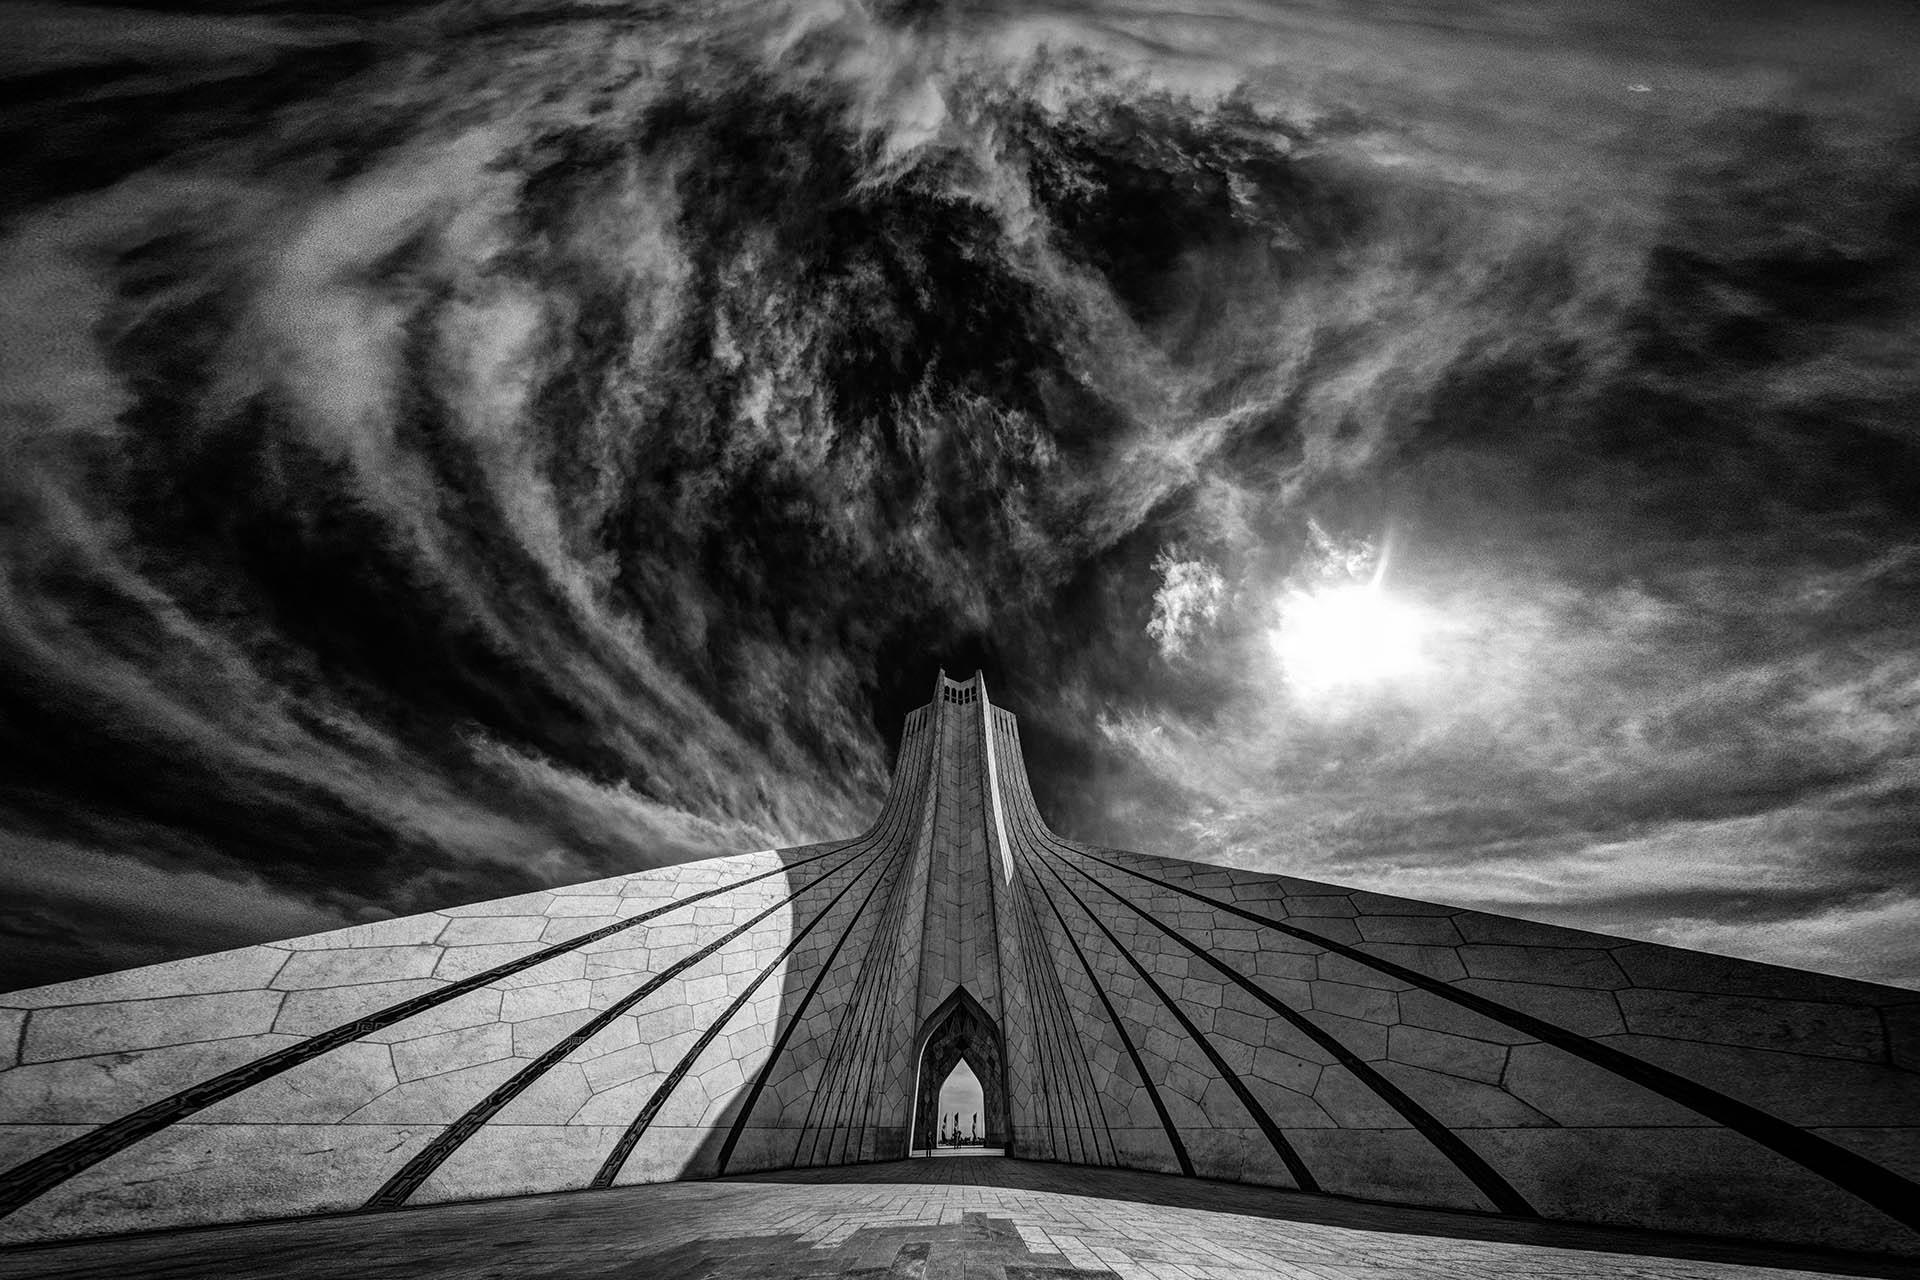 azadi-torre arquitectura